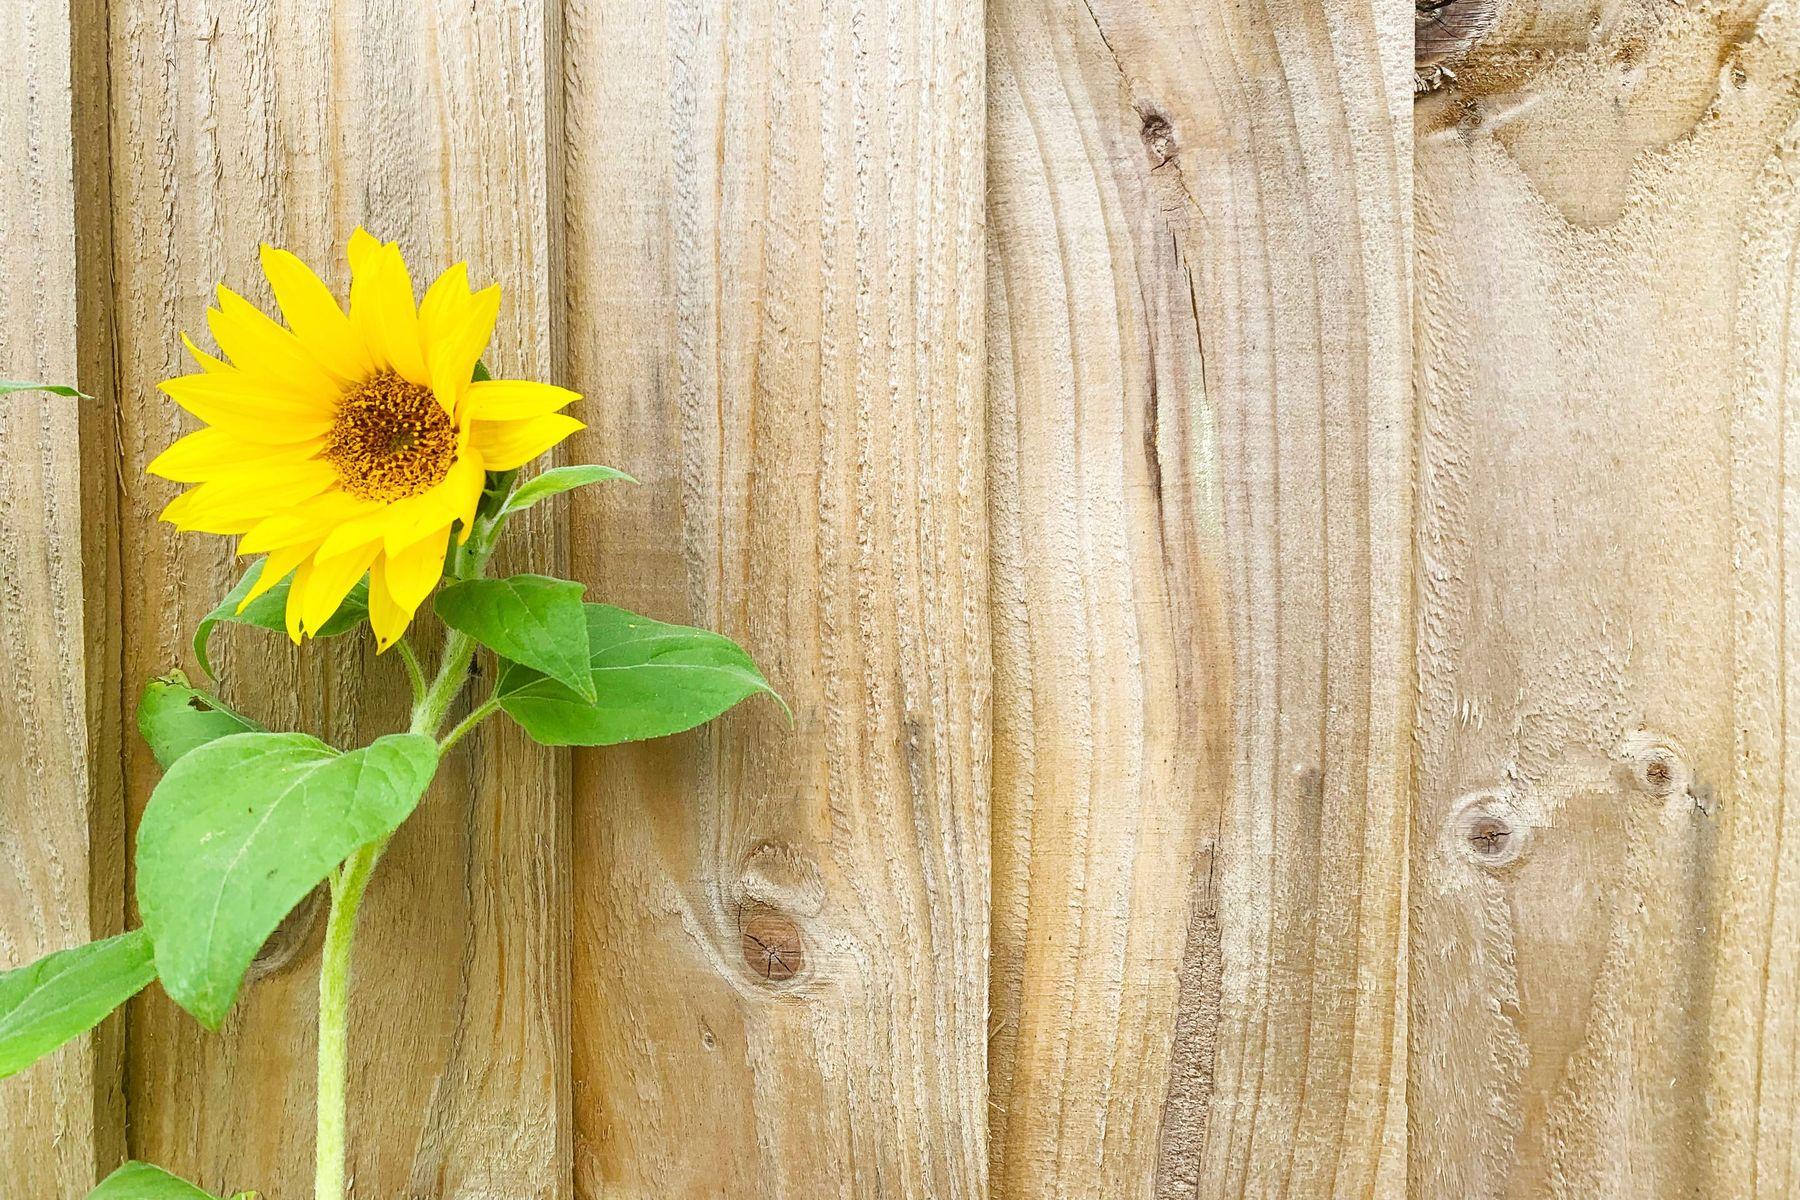 słonecznik przed drewnianą ścianą